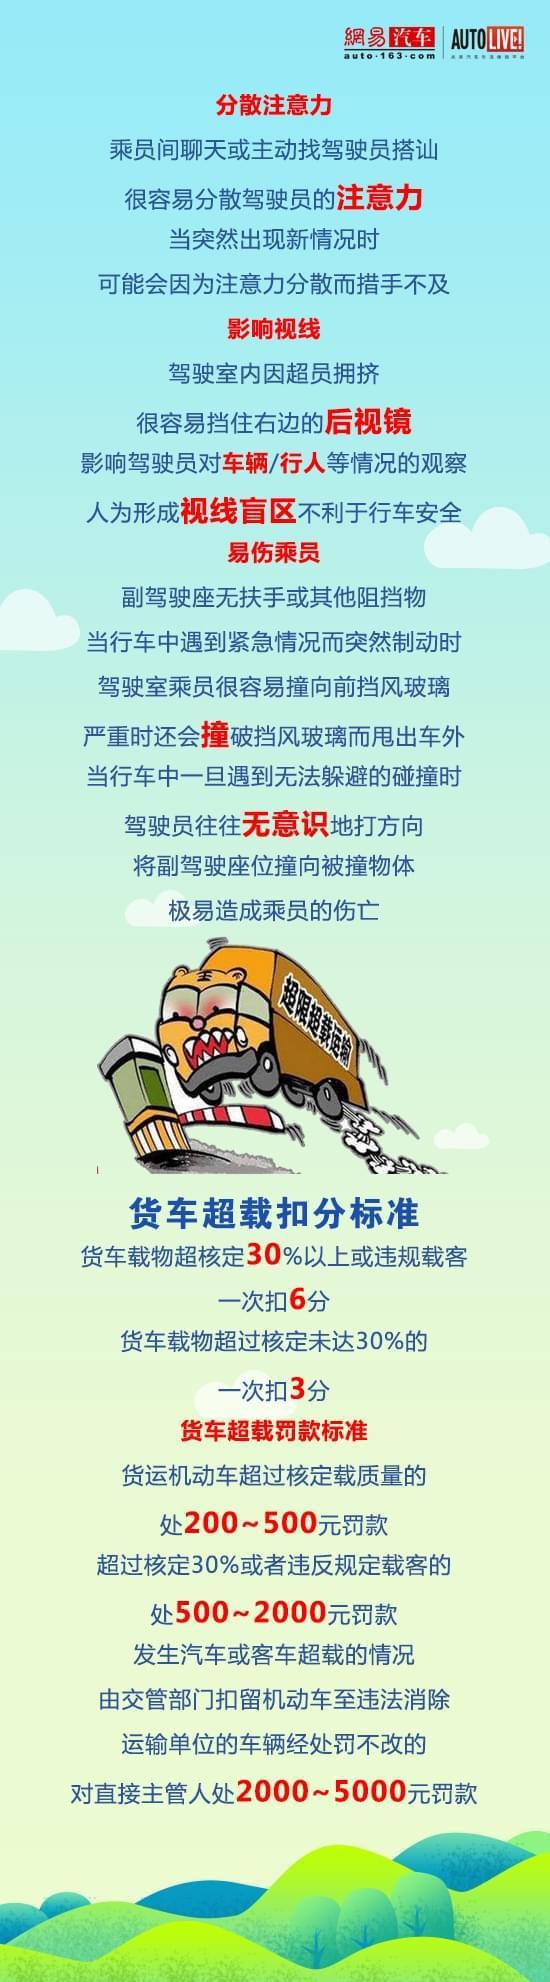 货车驾驶室荷载3人硬挤6人上高速 超载还打牌